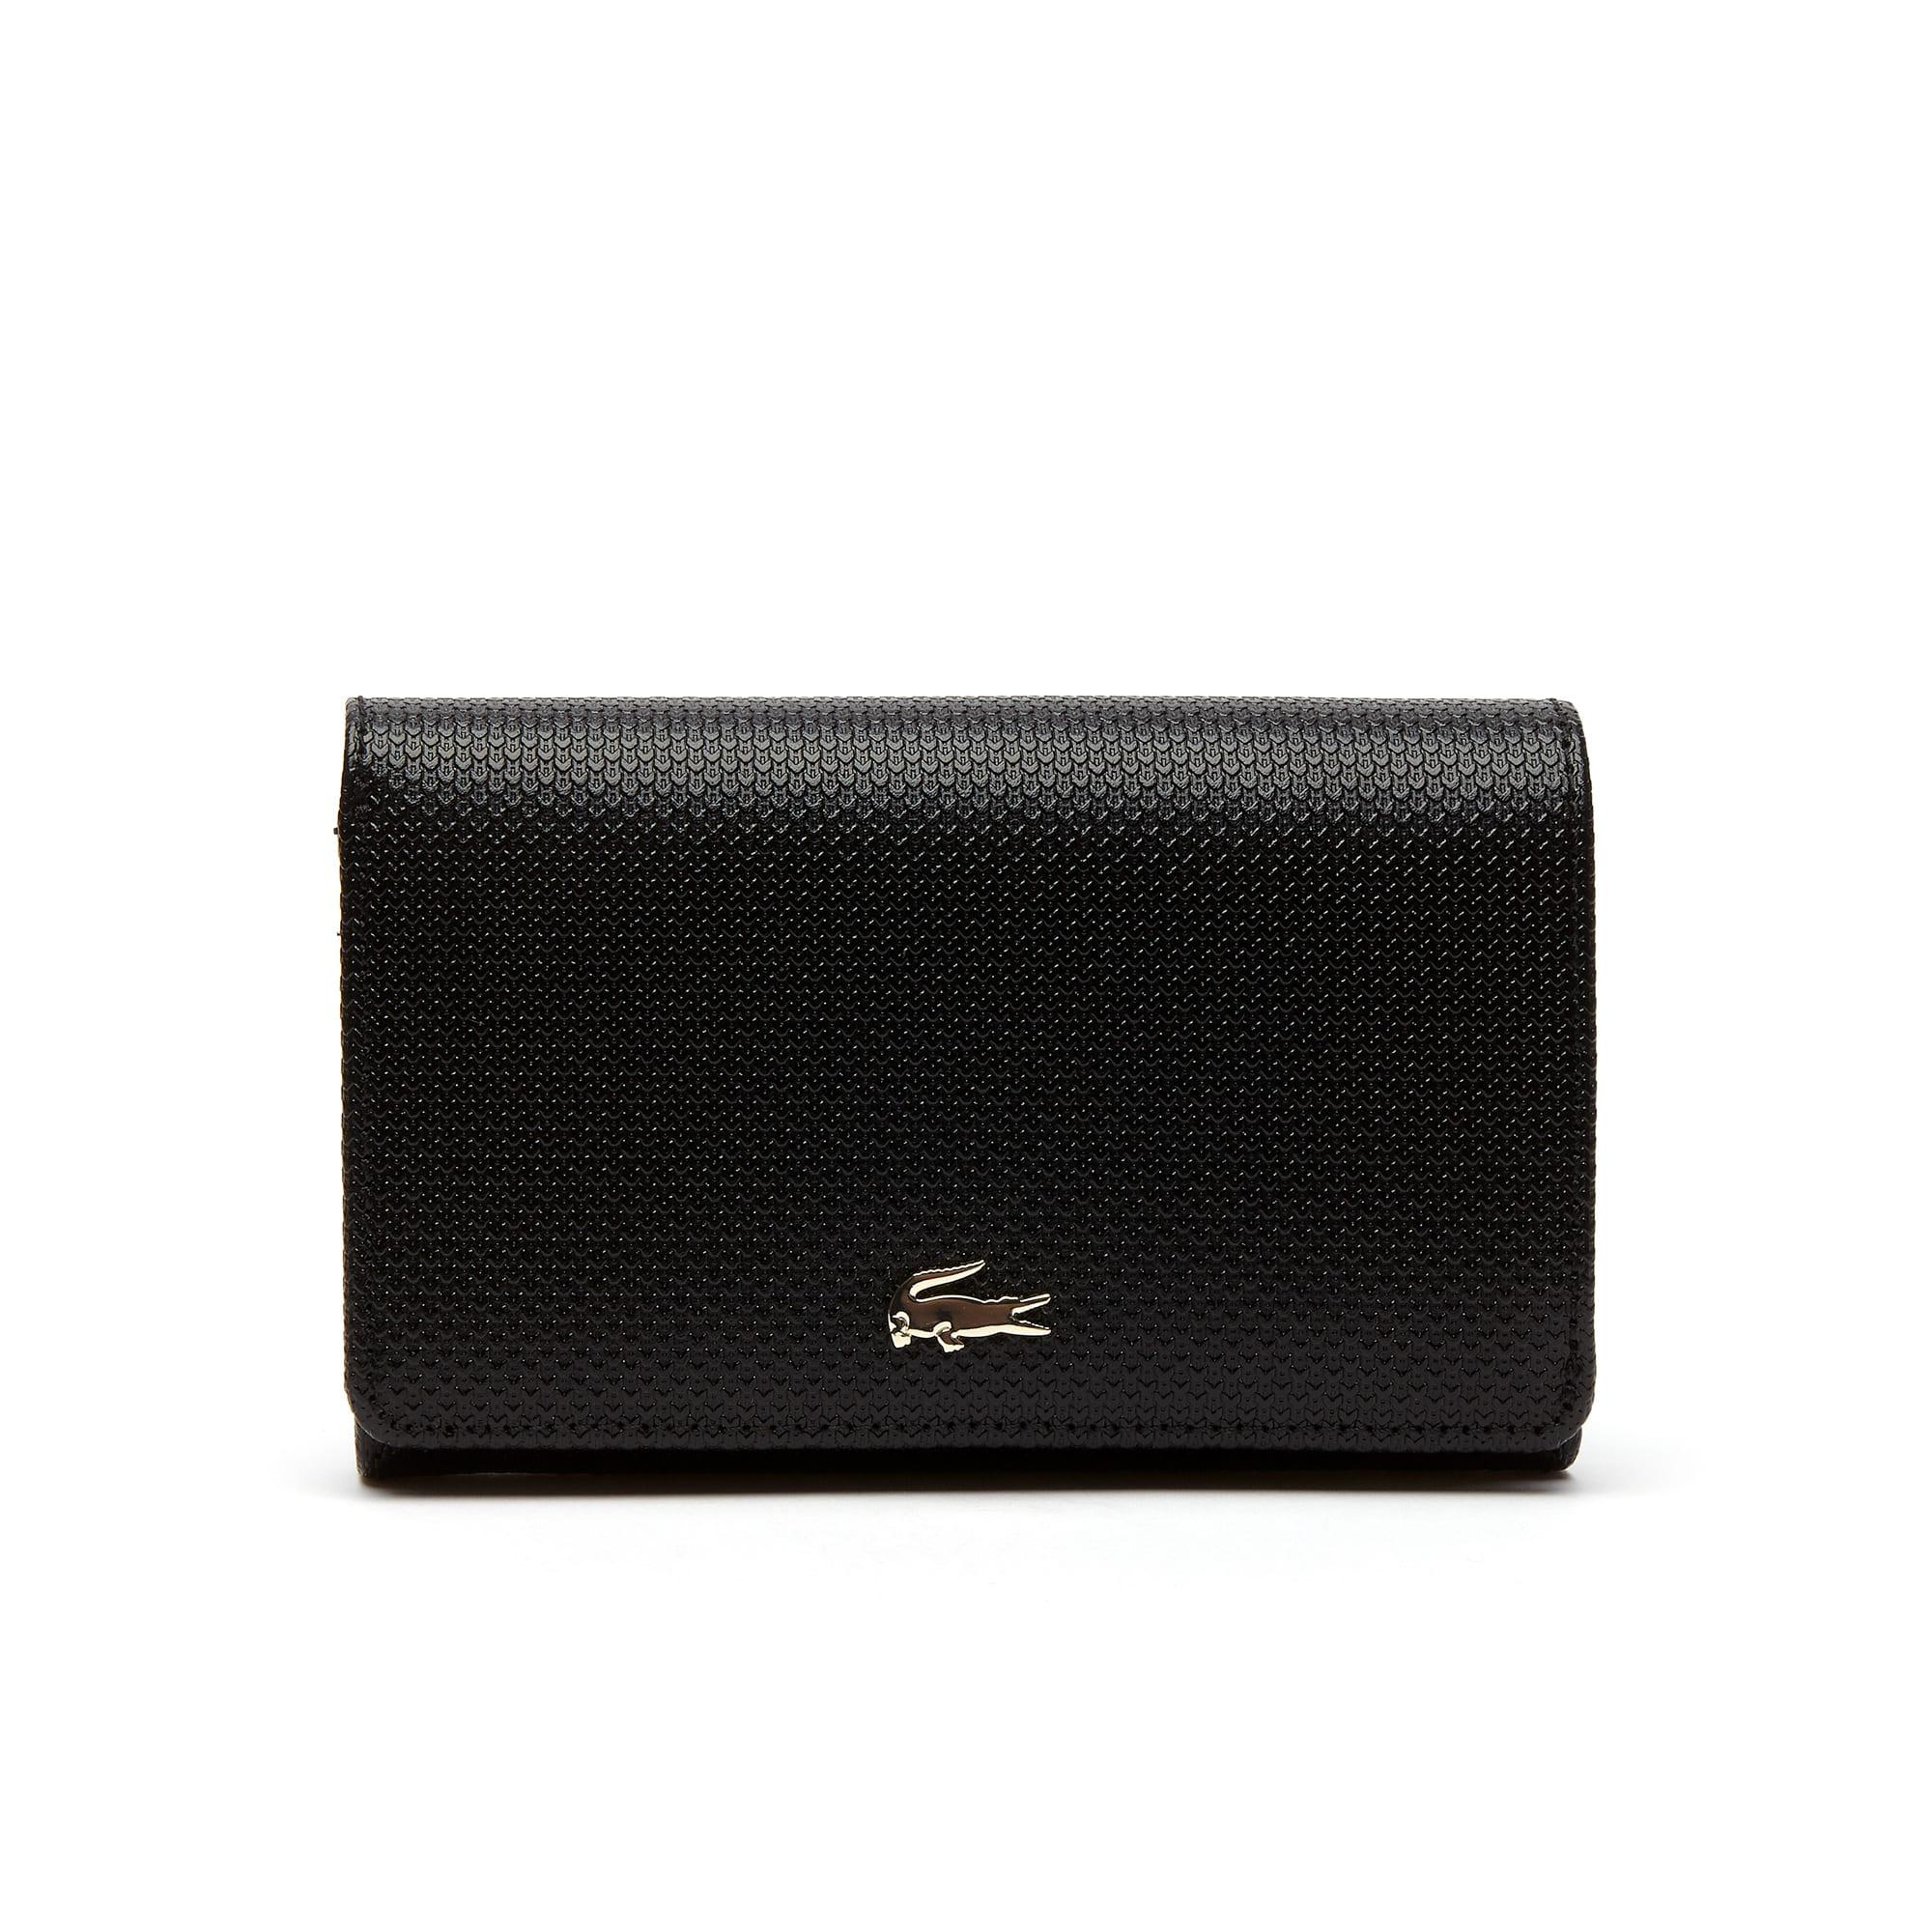 Damen-Brieftasche CHANTACO aus zweifarbigem Piqué-Leder